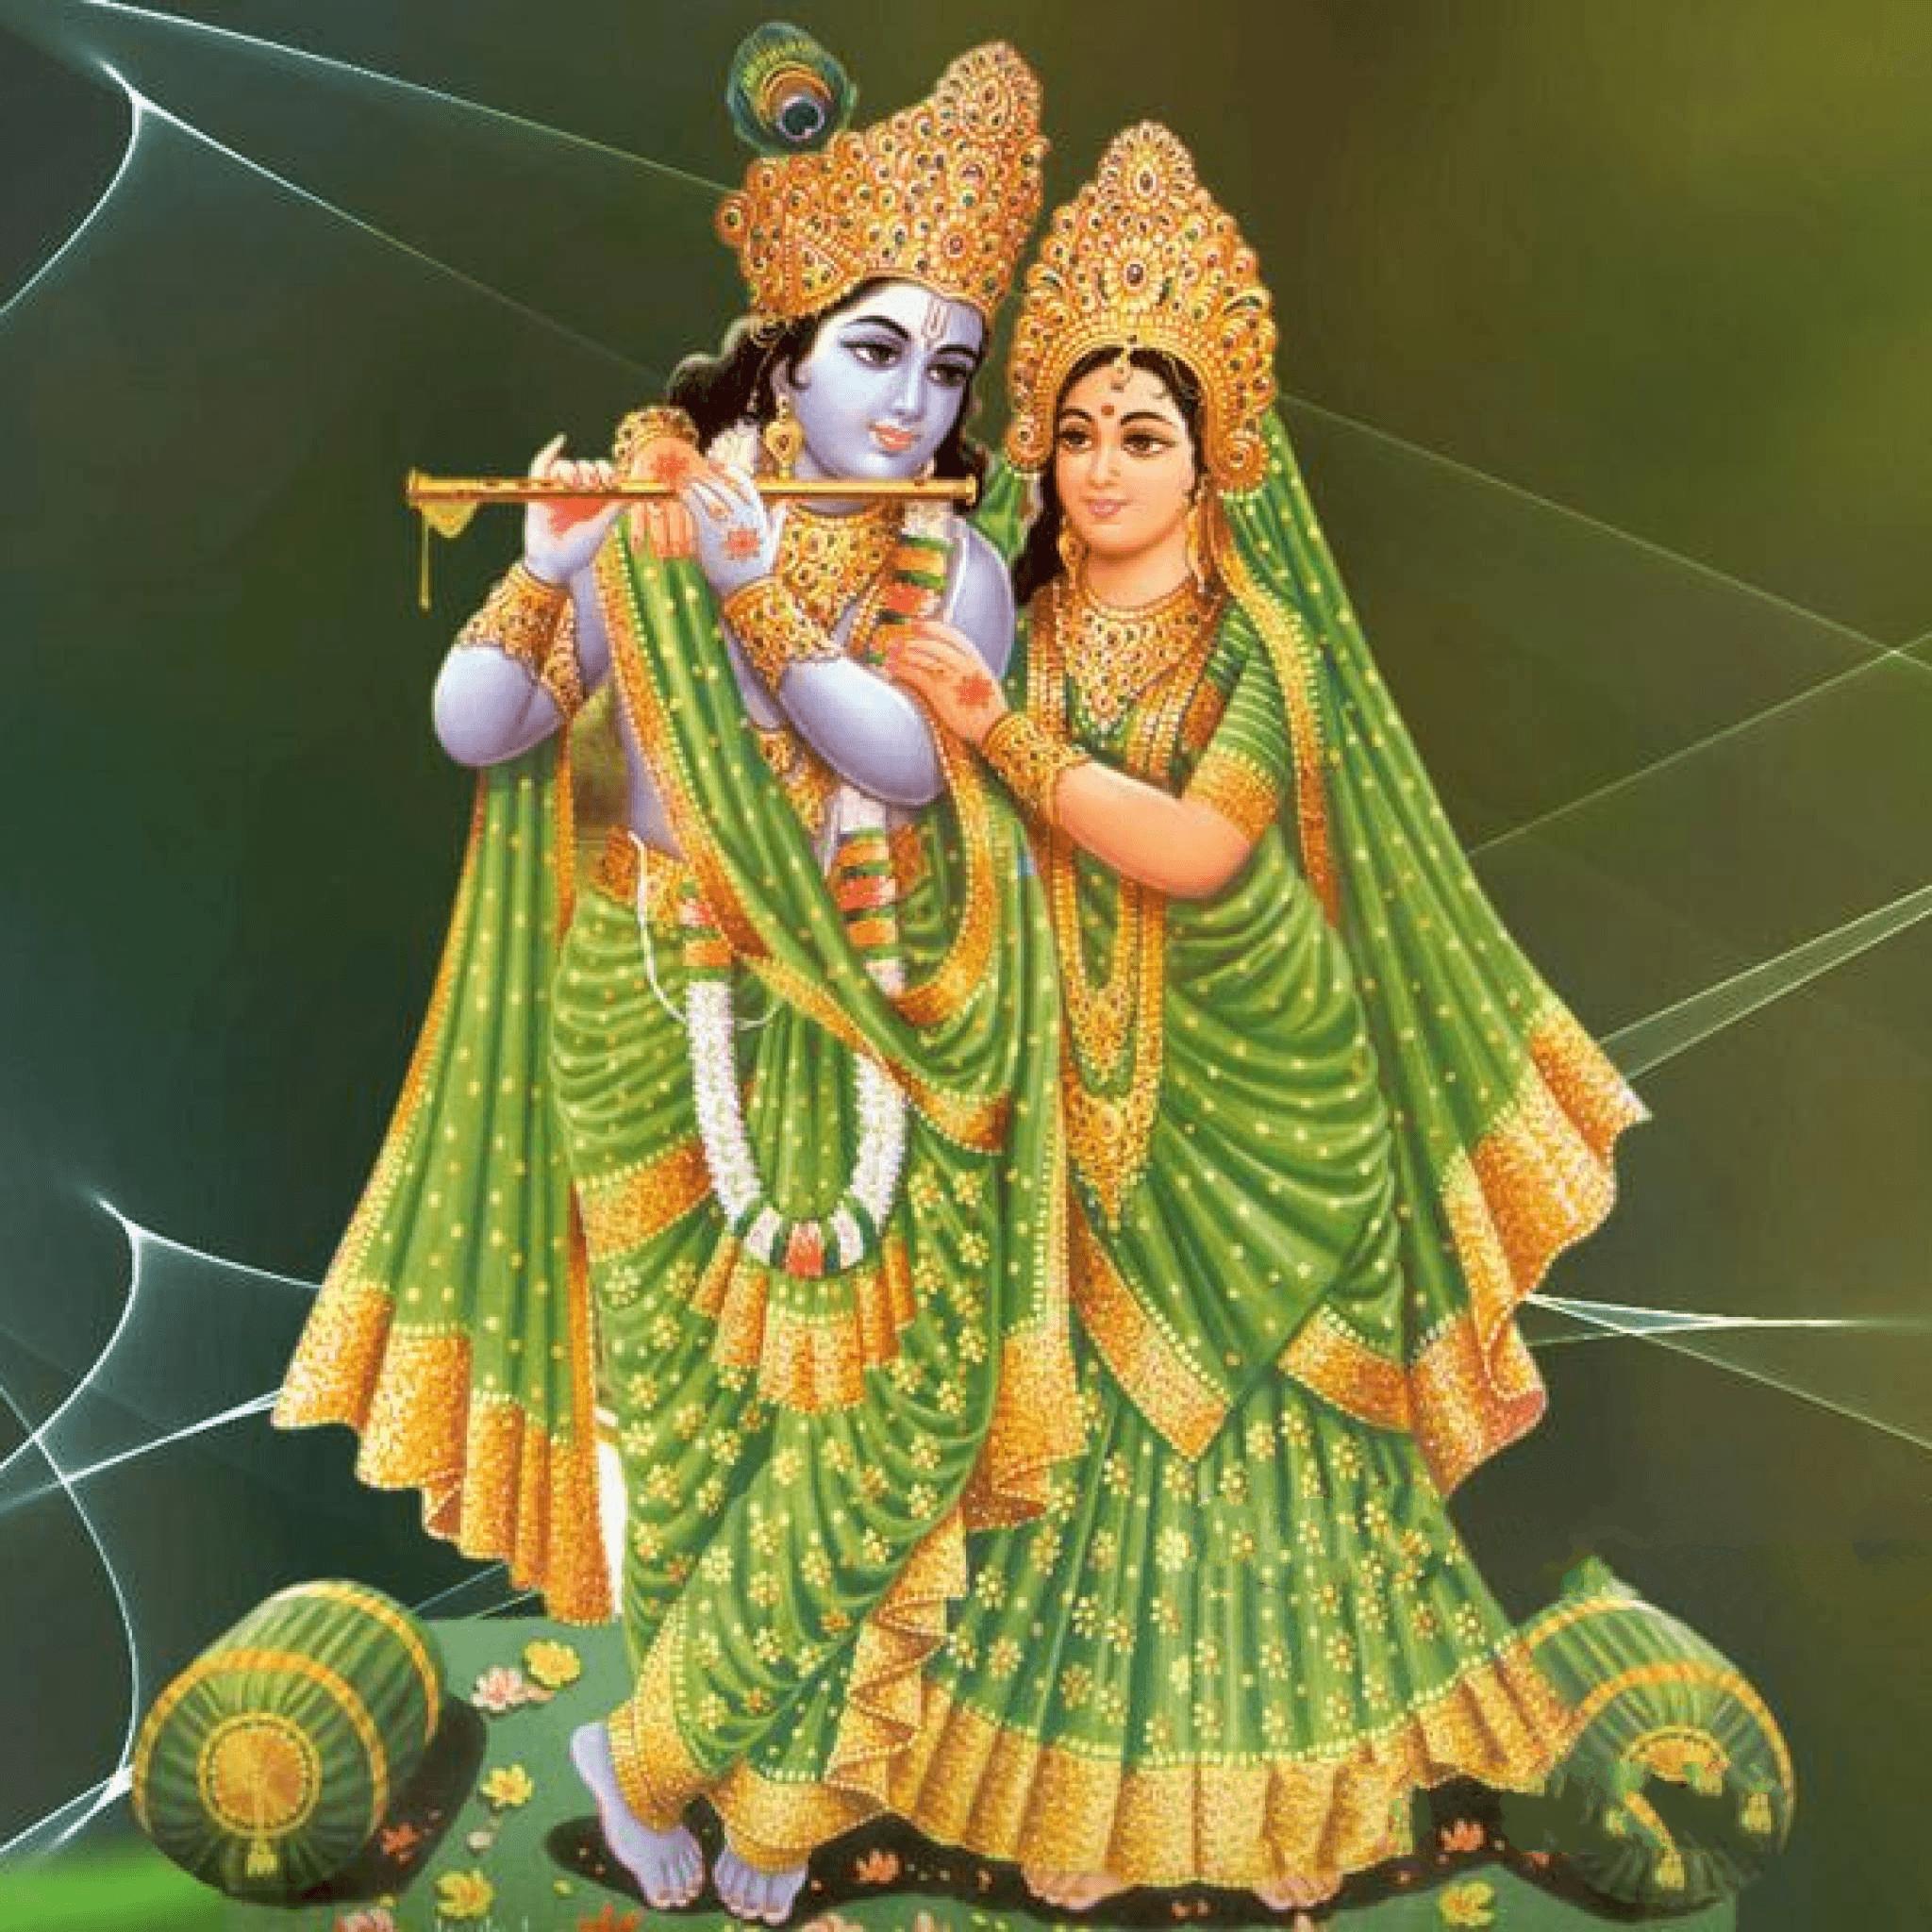 2048x2048 Radah Krishna HD PNG trong suốt Hình ảnh HD trong suốt Radah Krishna